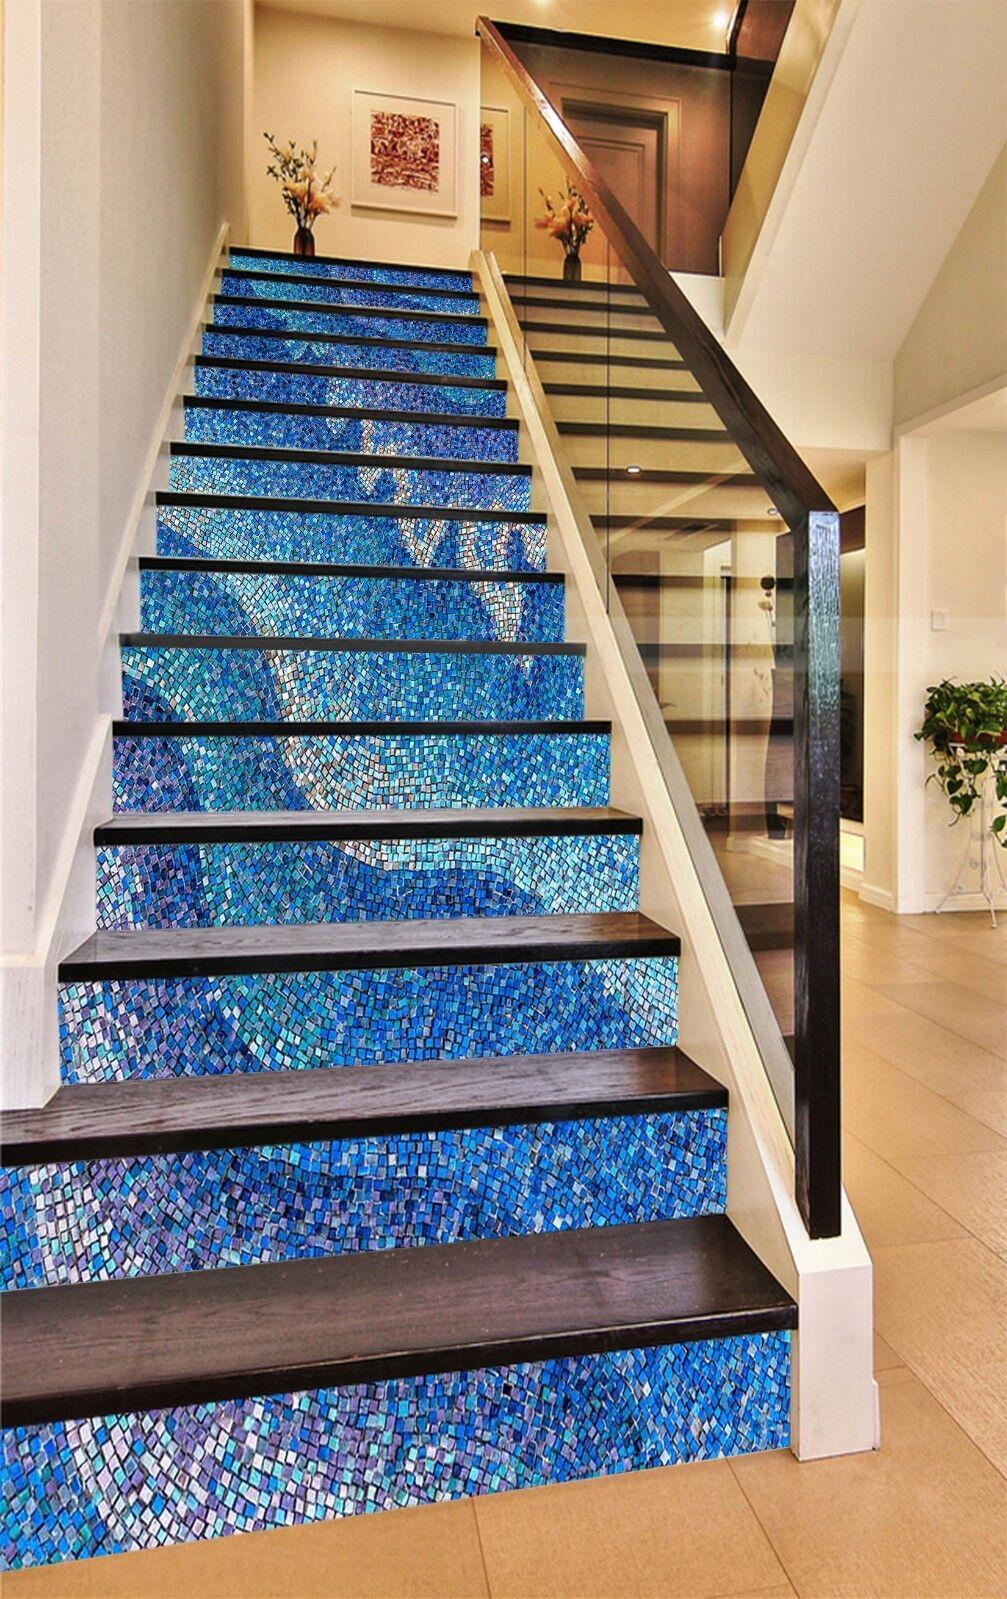 3D Blaue Welle 8 Fliese Marmor Stair Risers Fototapete Vinyl Aufkleber Tapete